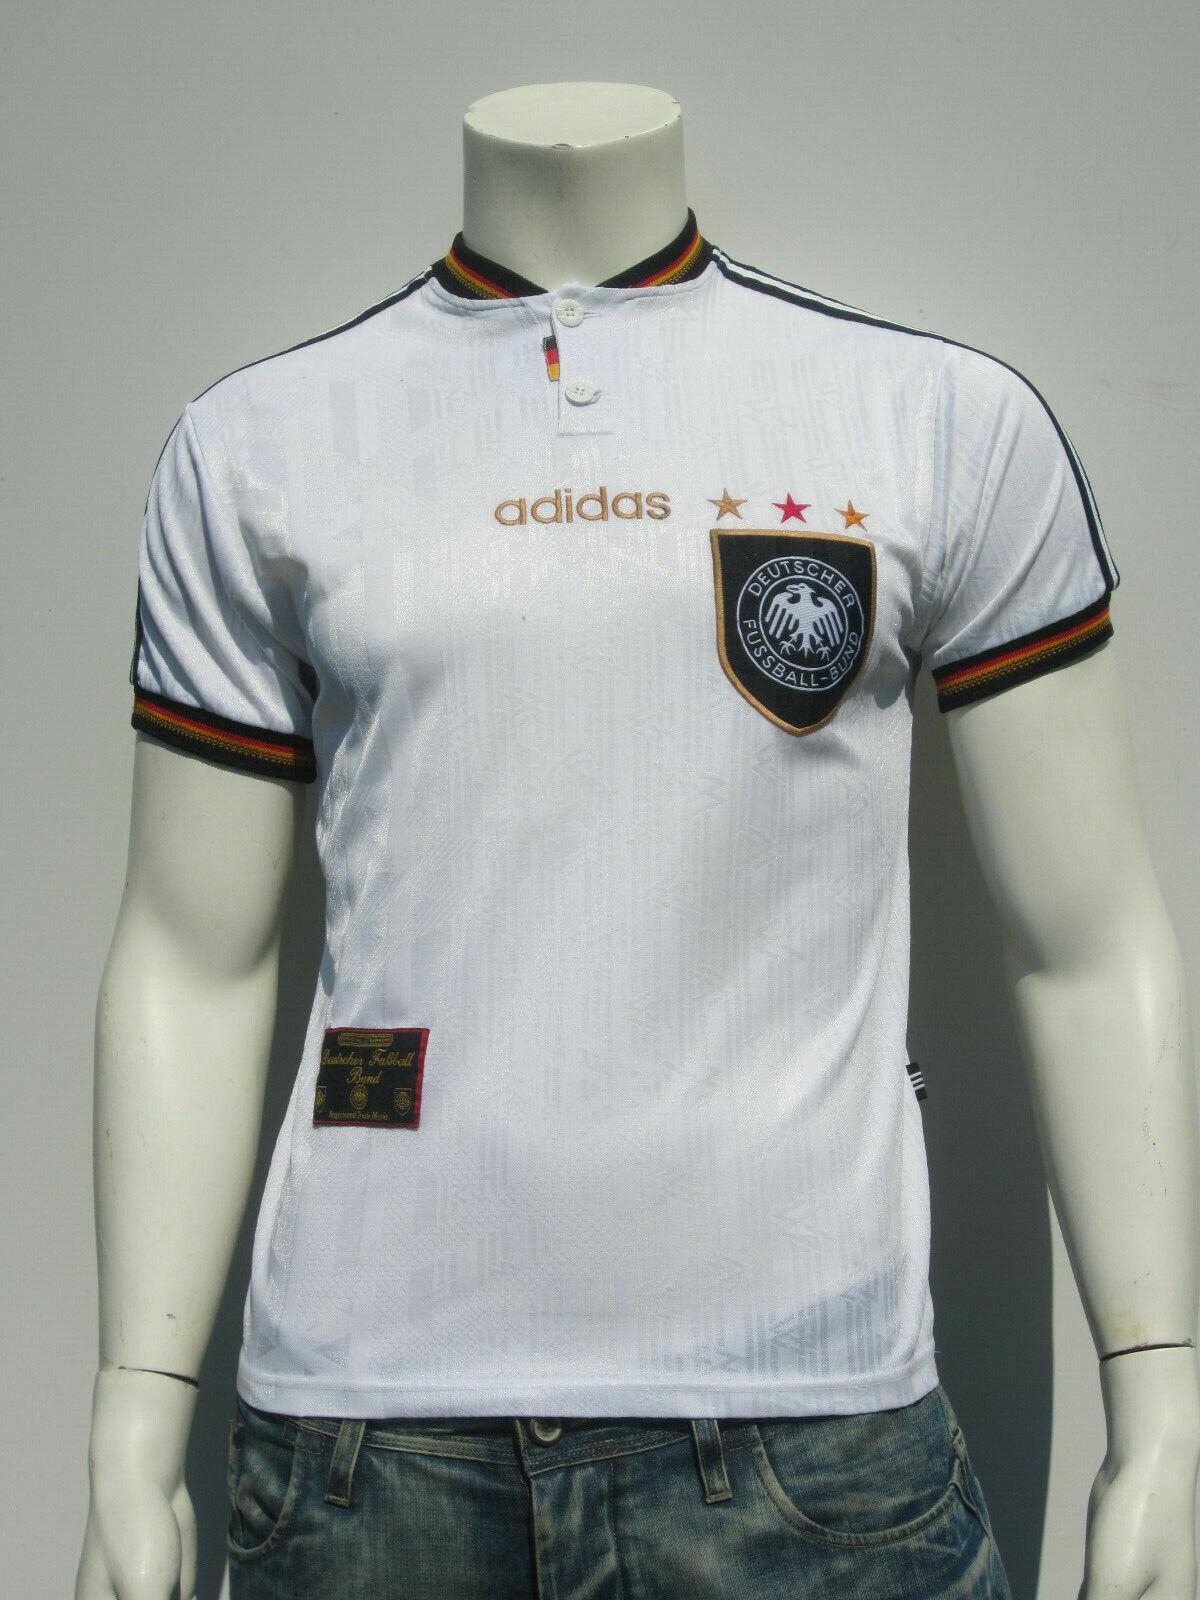 Adidas DFB Alemania [Talla S] Em 1996 Camiseta Local  (22)  Compra calidad 100% autentica